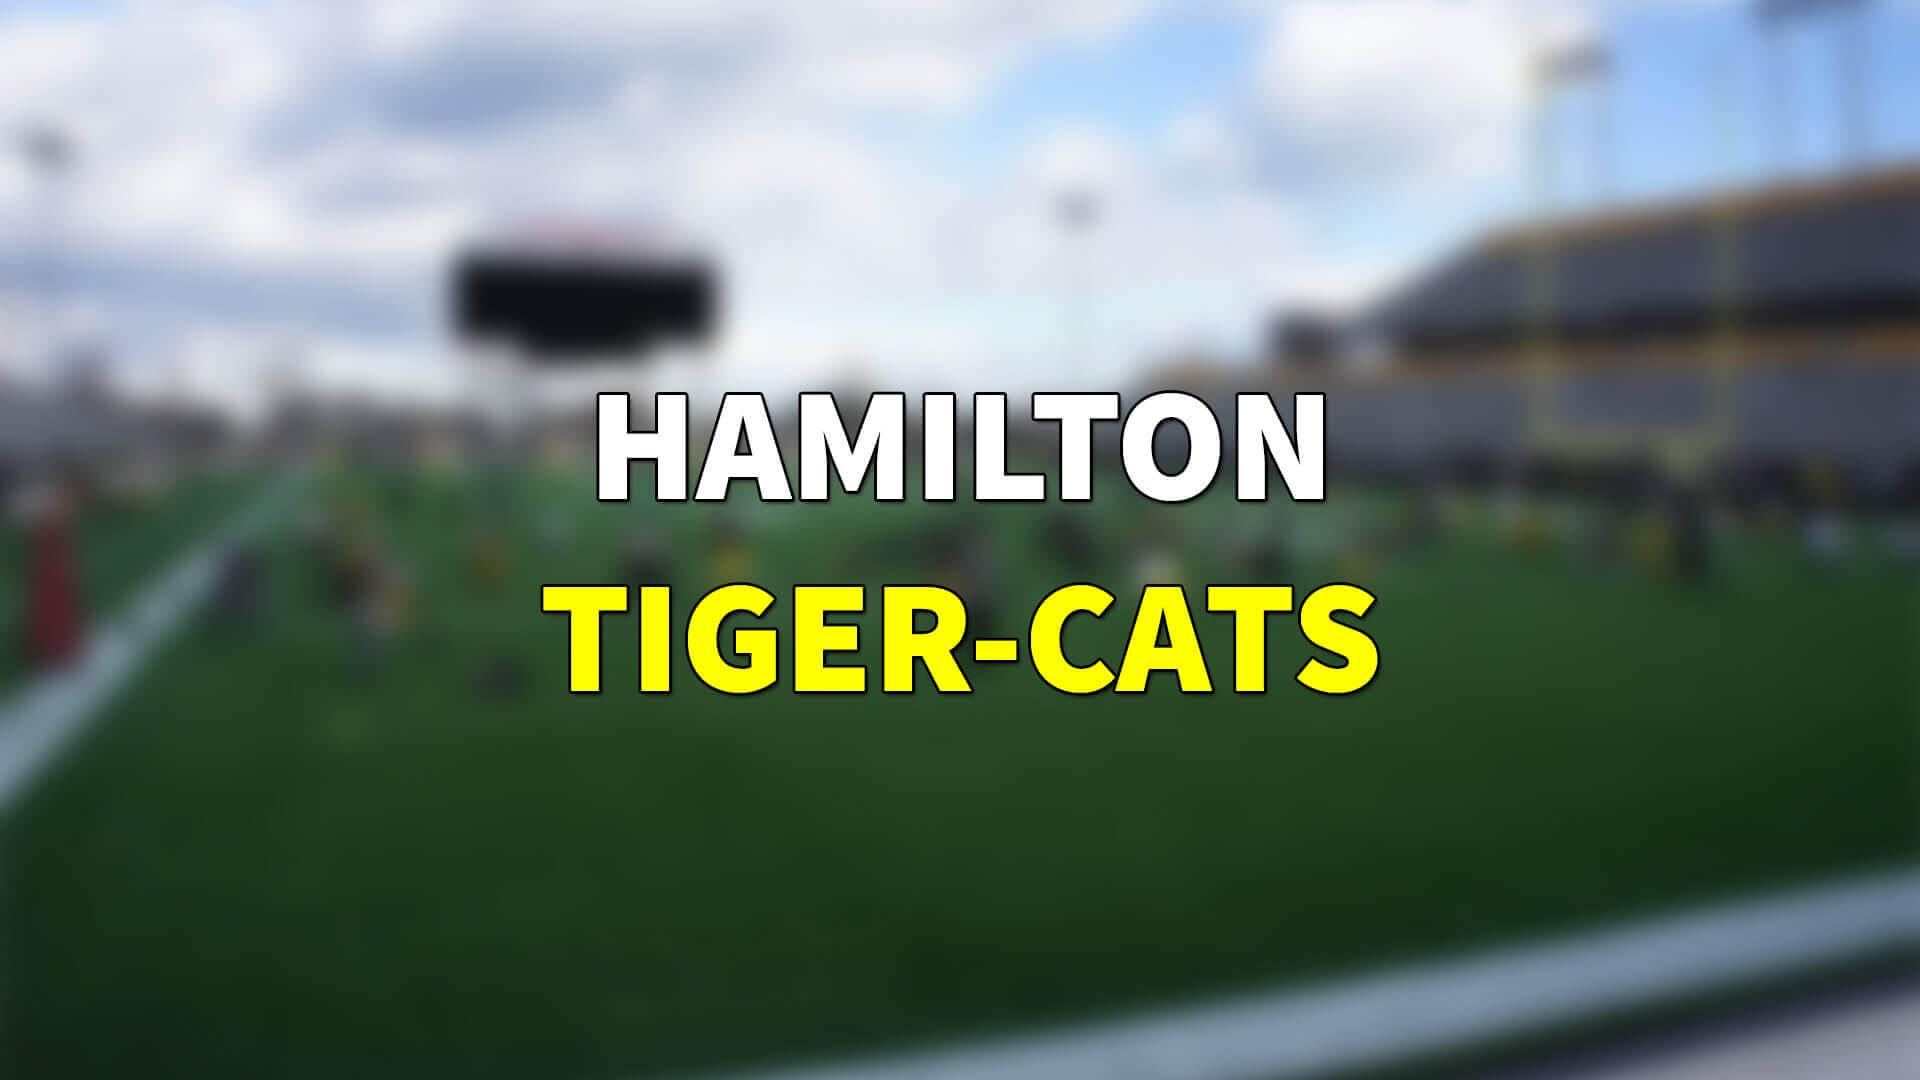 Tiger-Cats, Bralon Addison ile Anlaşma İmzaladı   Korumalı Futbol Türkiye